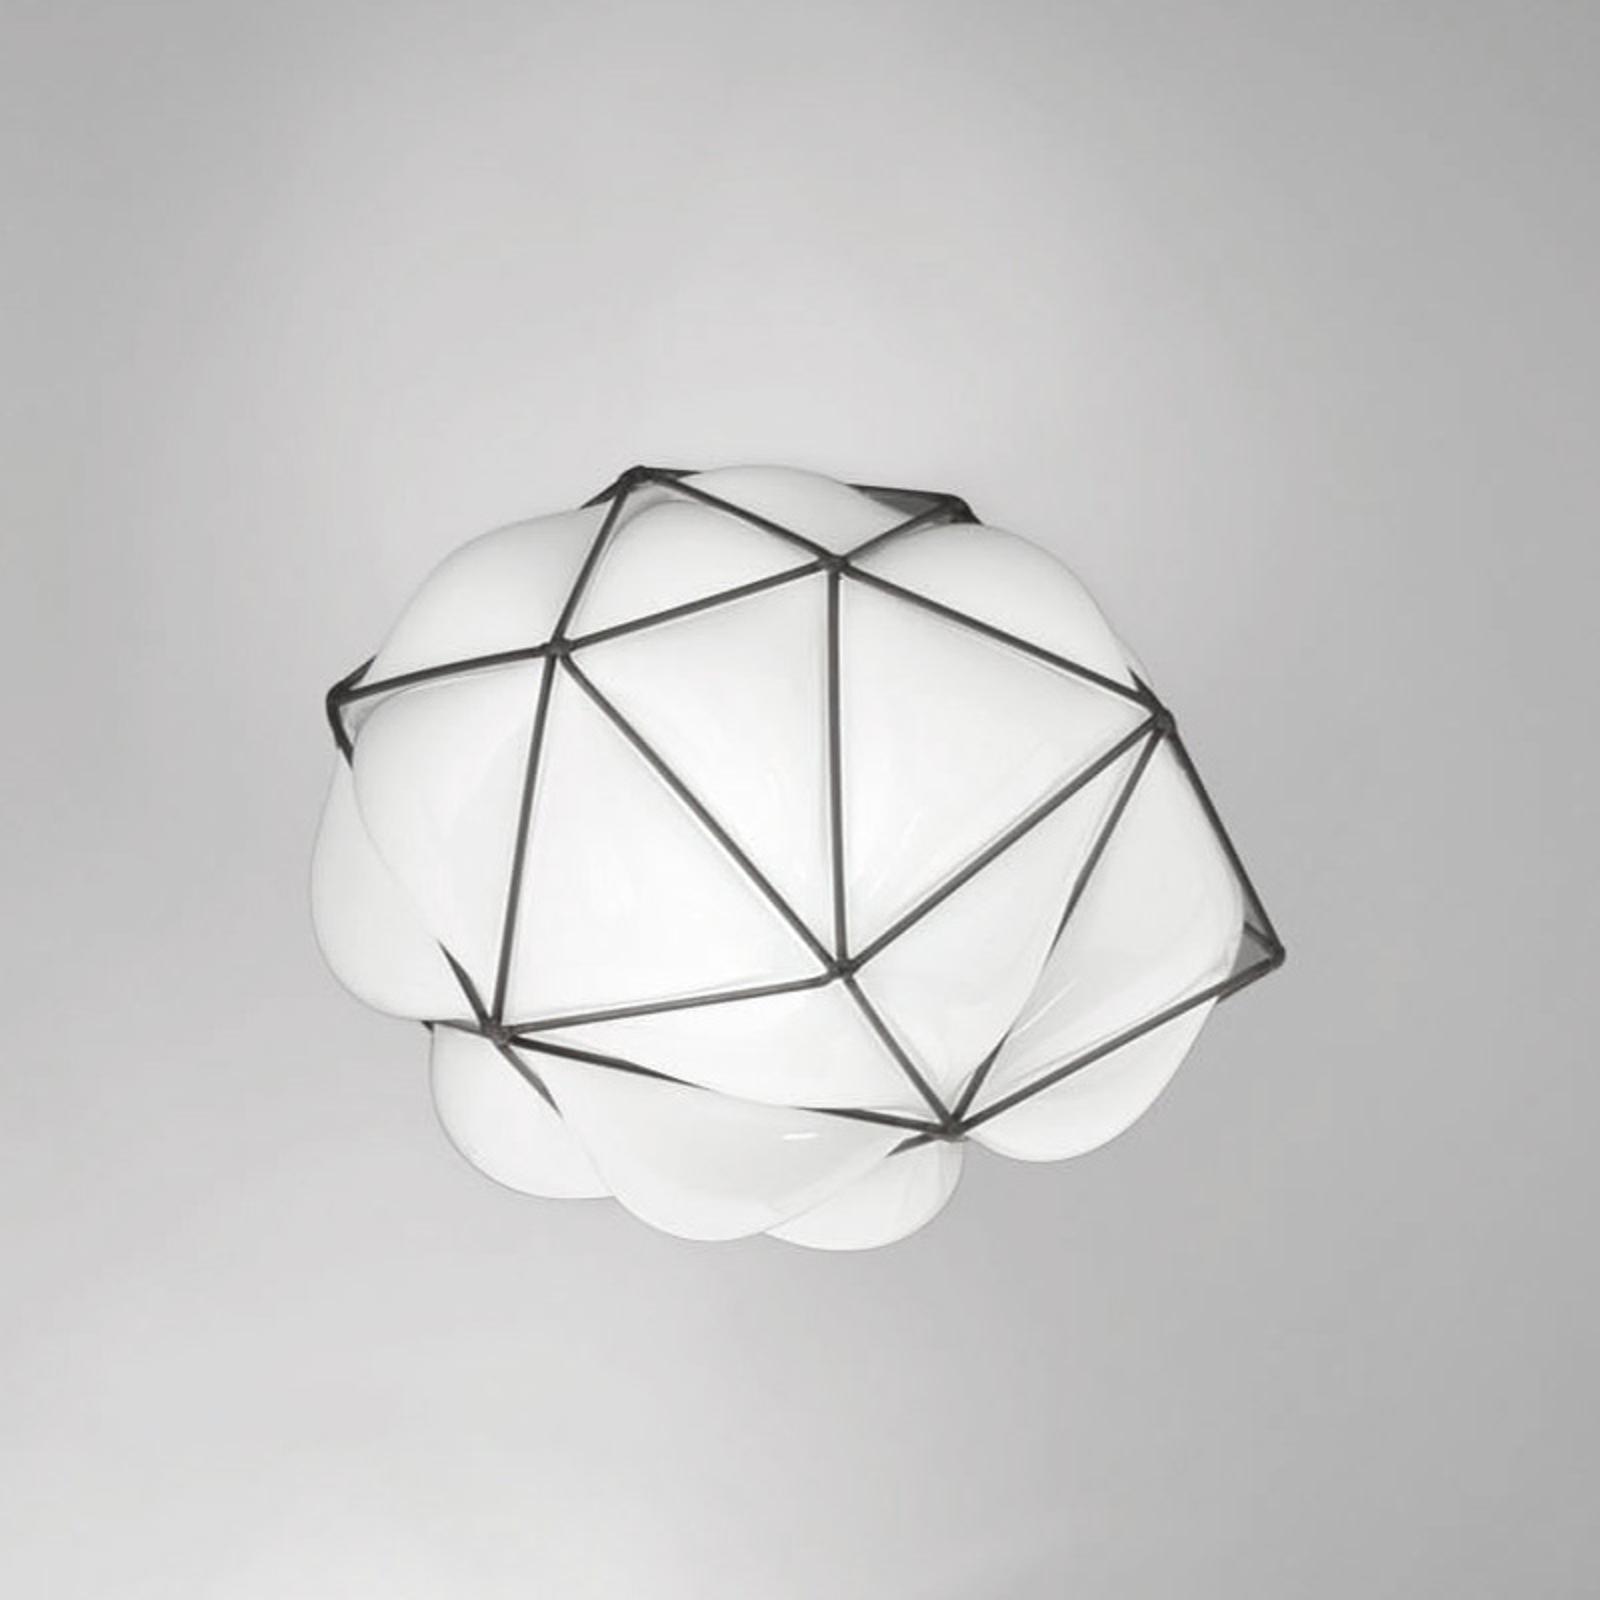 Lampa sufitowa Semai PL P E27 Ø 30 cm